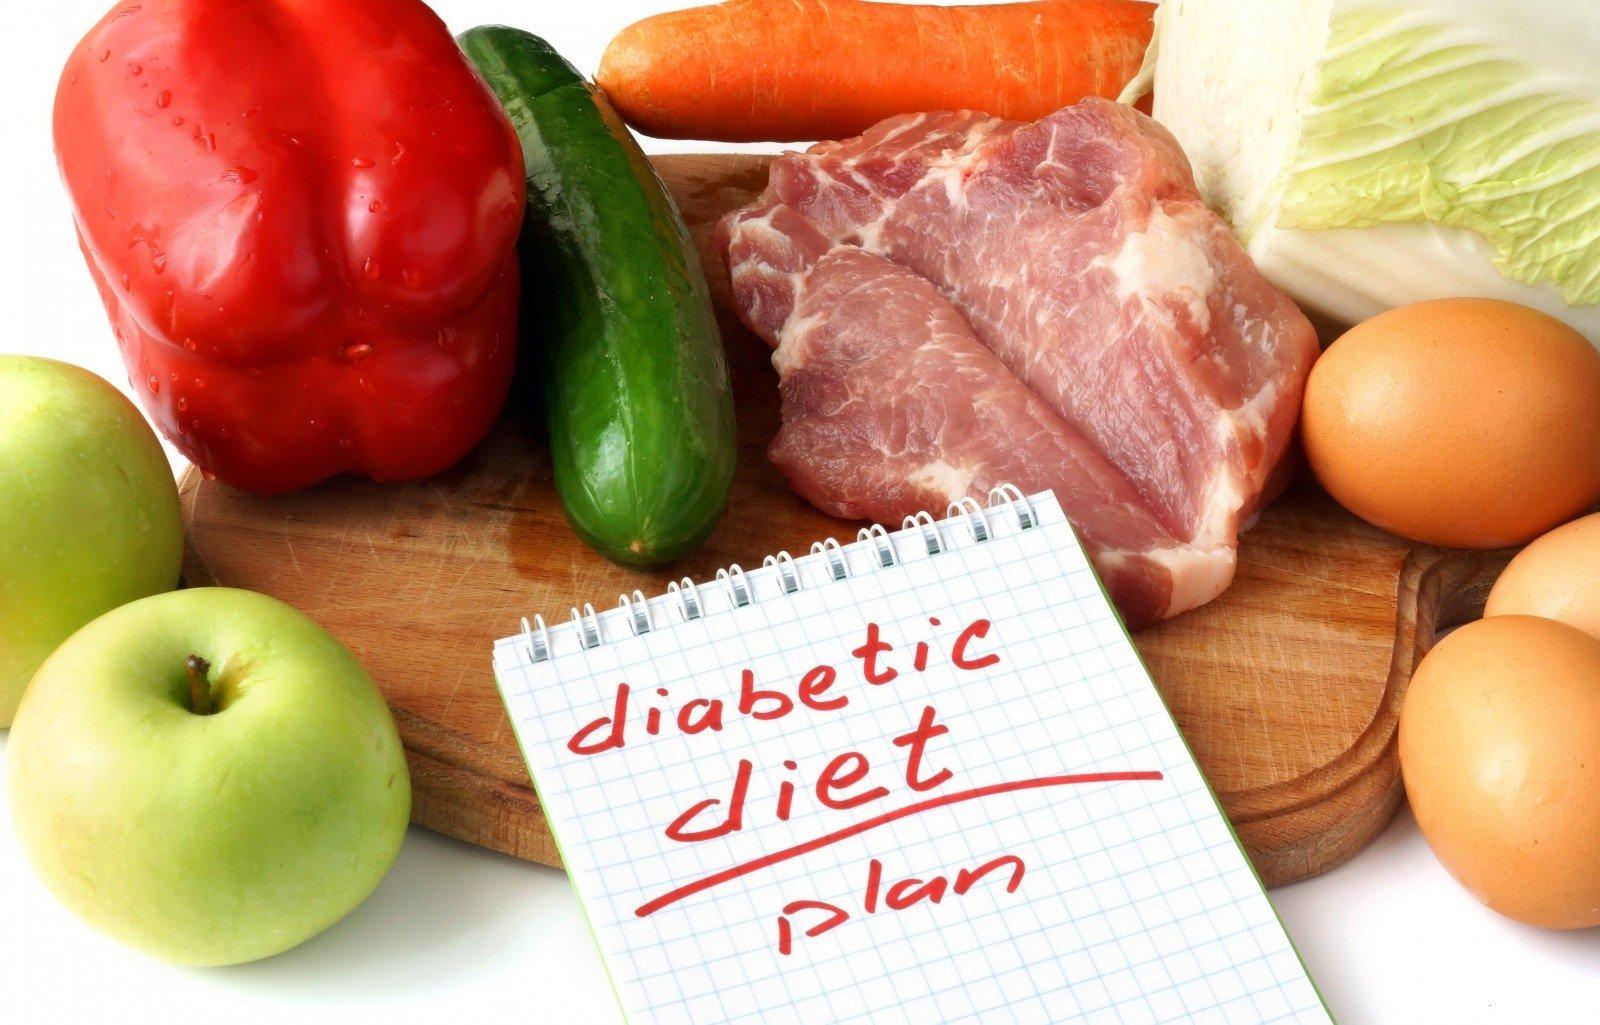 dieta sergant 2 tipo cukriniu diabetu, sergančiu hipertenzija PSO dėl hipertenzijos gydymo